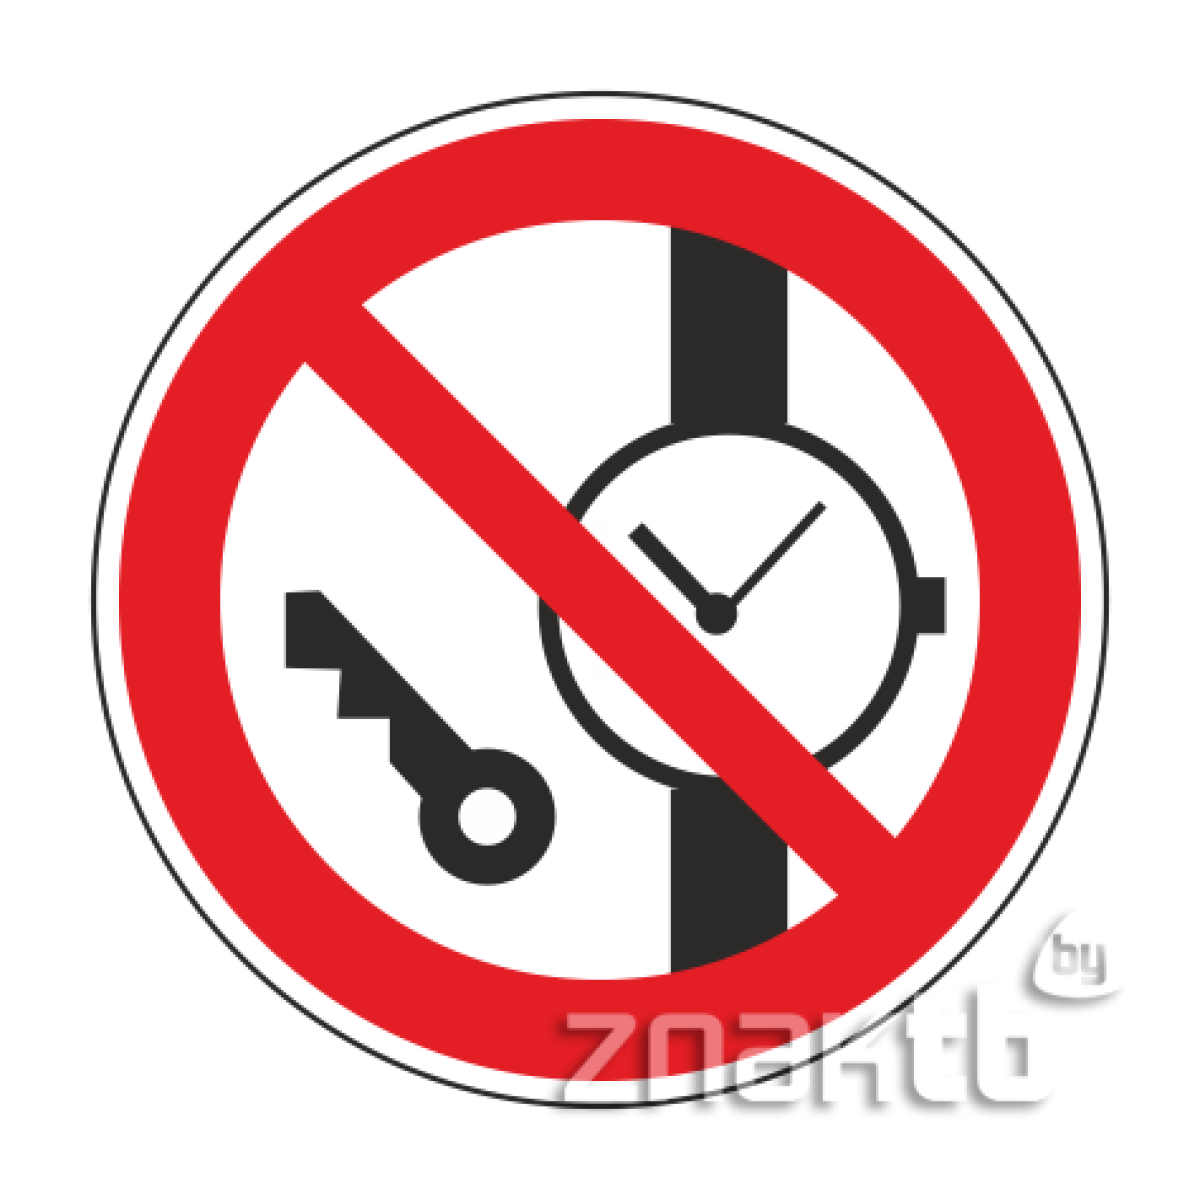 061 Знак Запрещается иметь при себе  металлические предметы код Р27